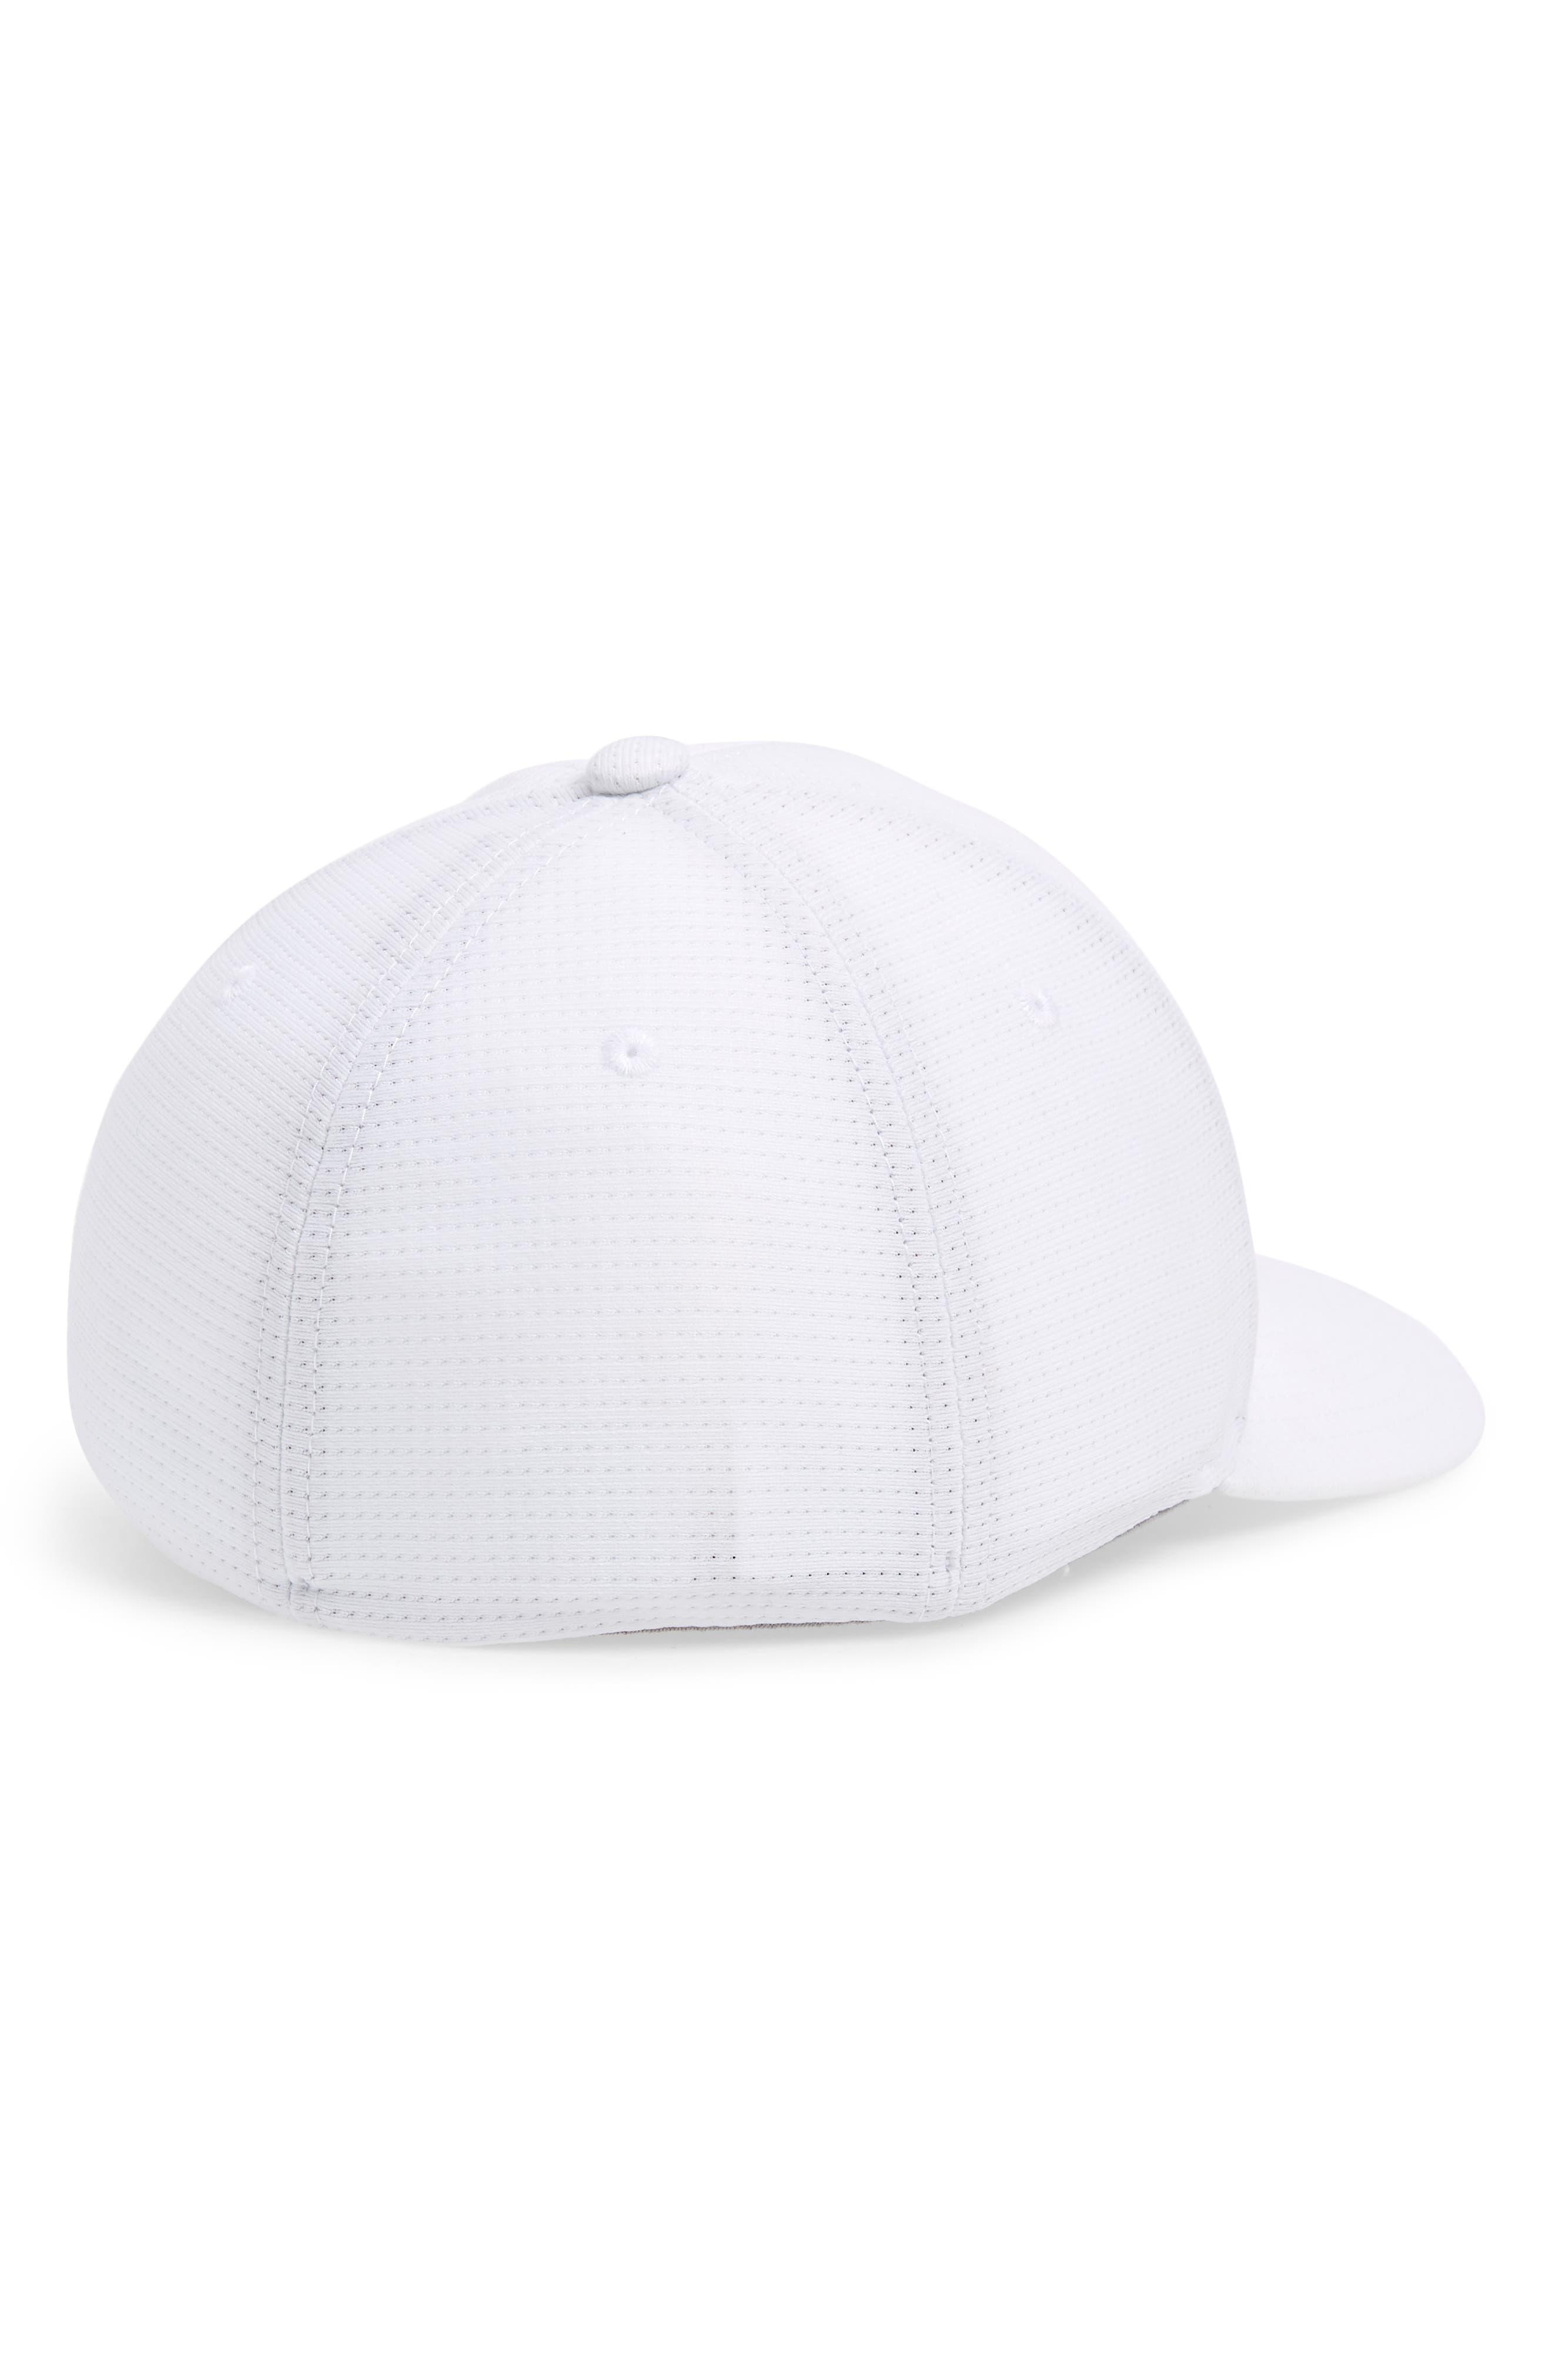 Septor Ball Cap,                             Alternate thumbnail 2, color,                             White